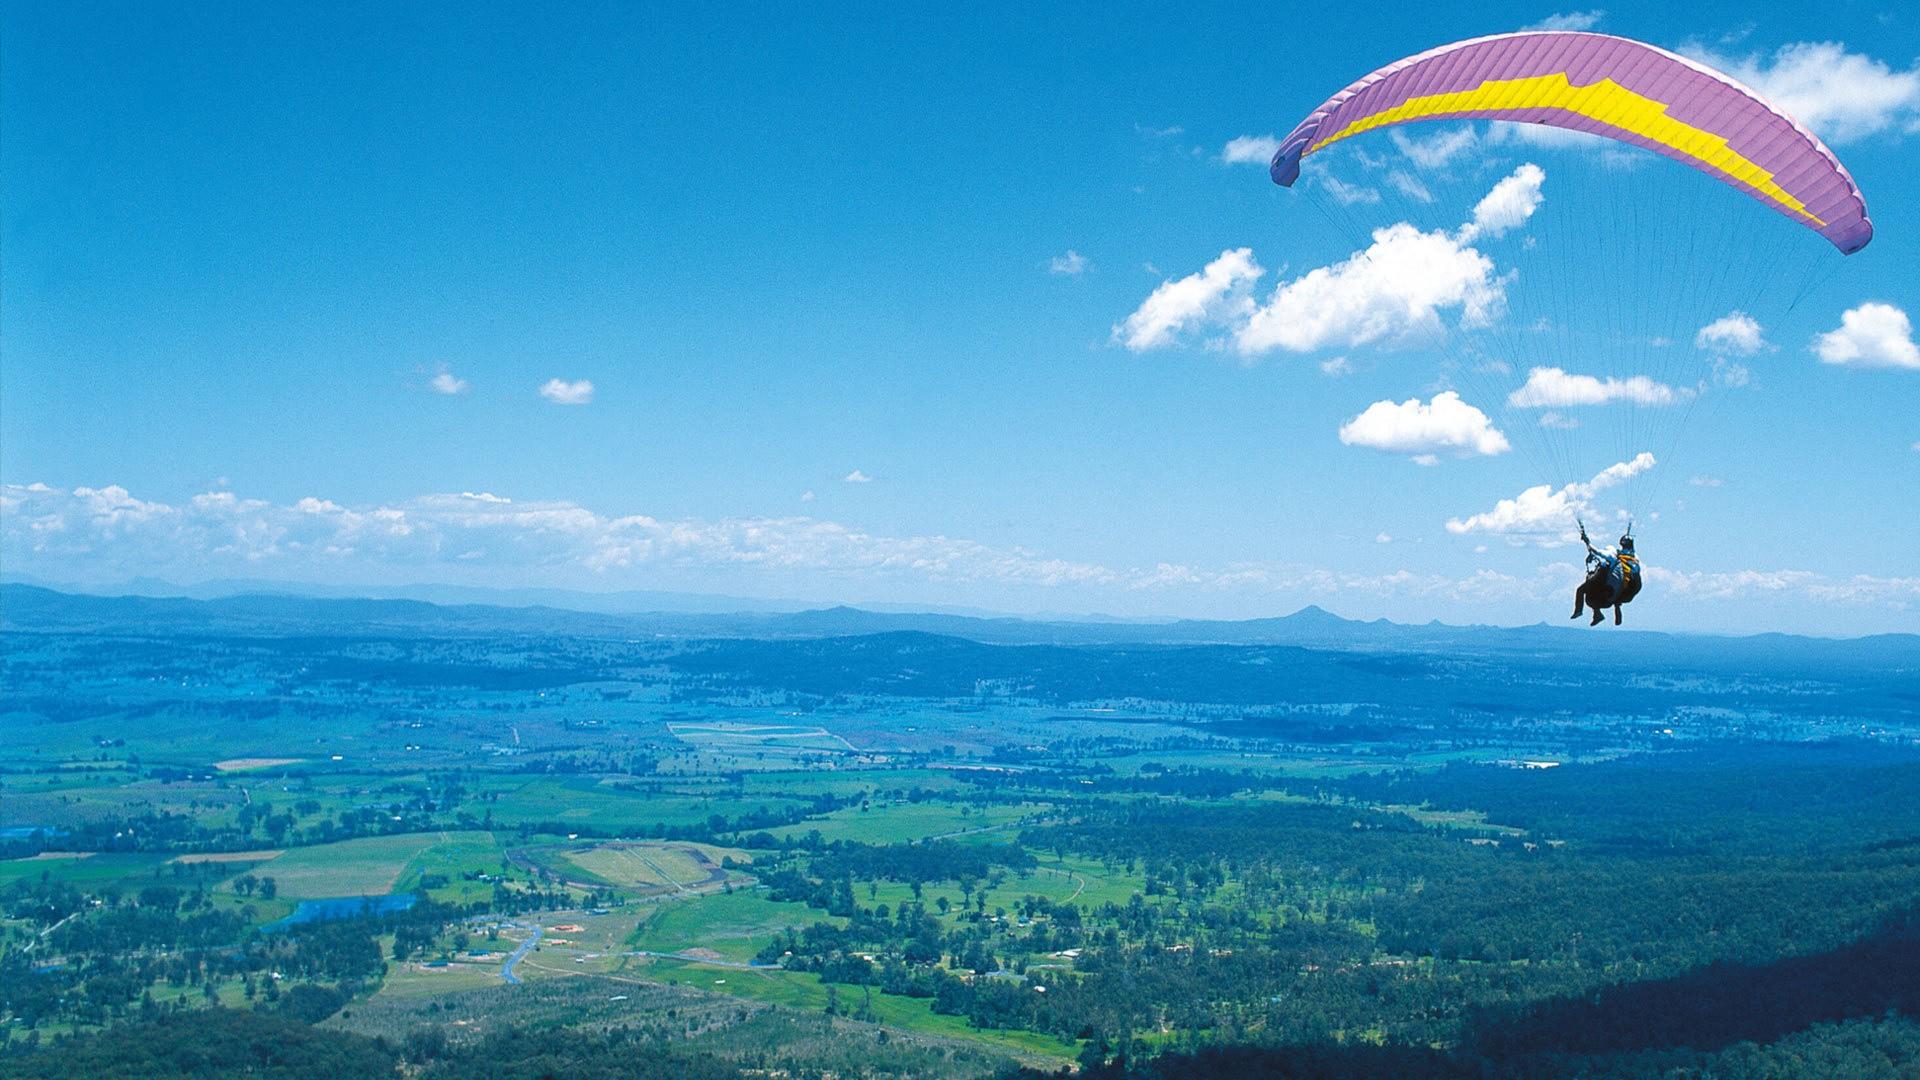 wallpaper : landscape, sky, clouds, skydiver, paragliding, flight